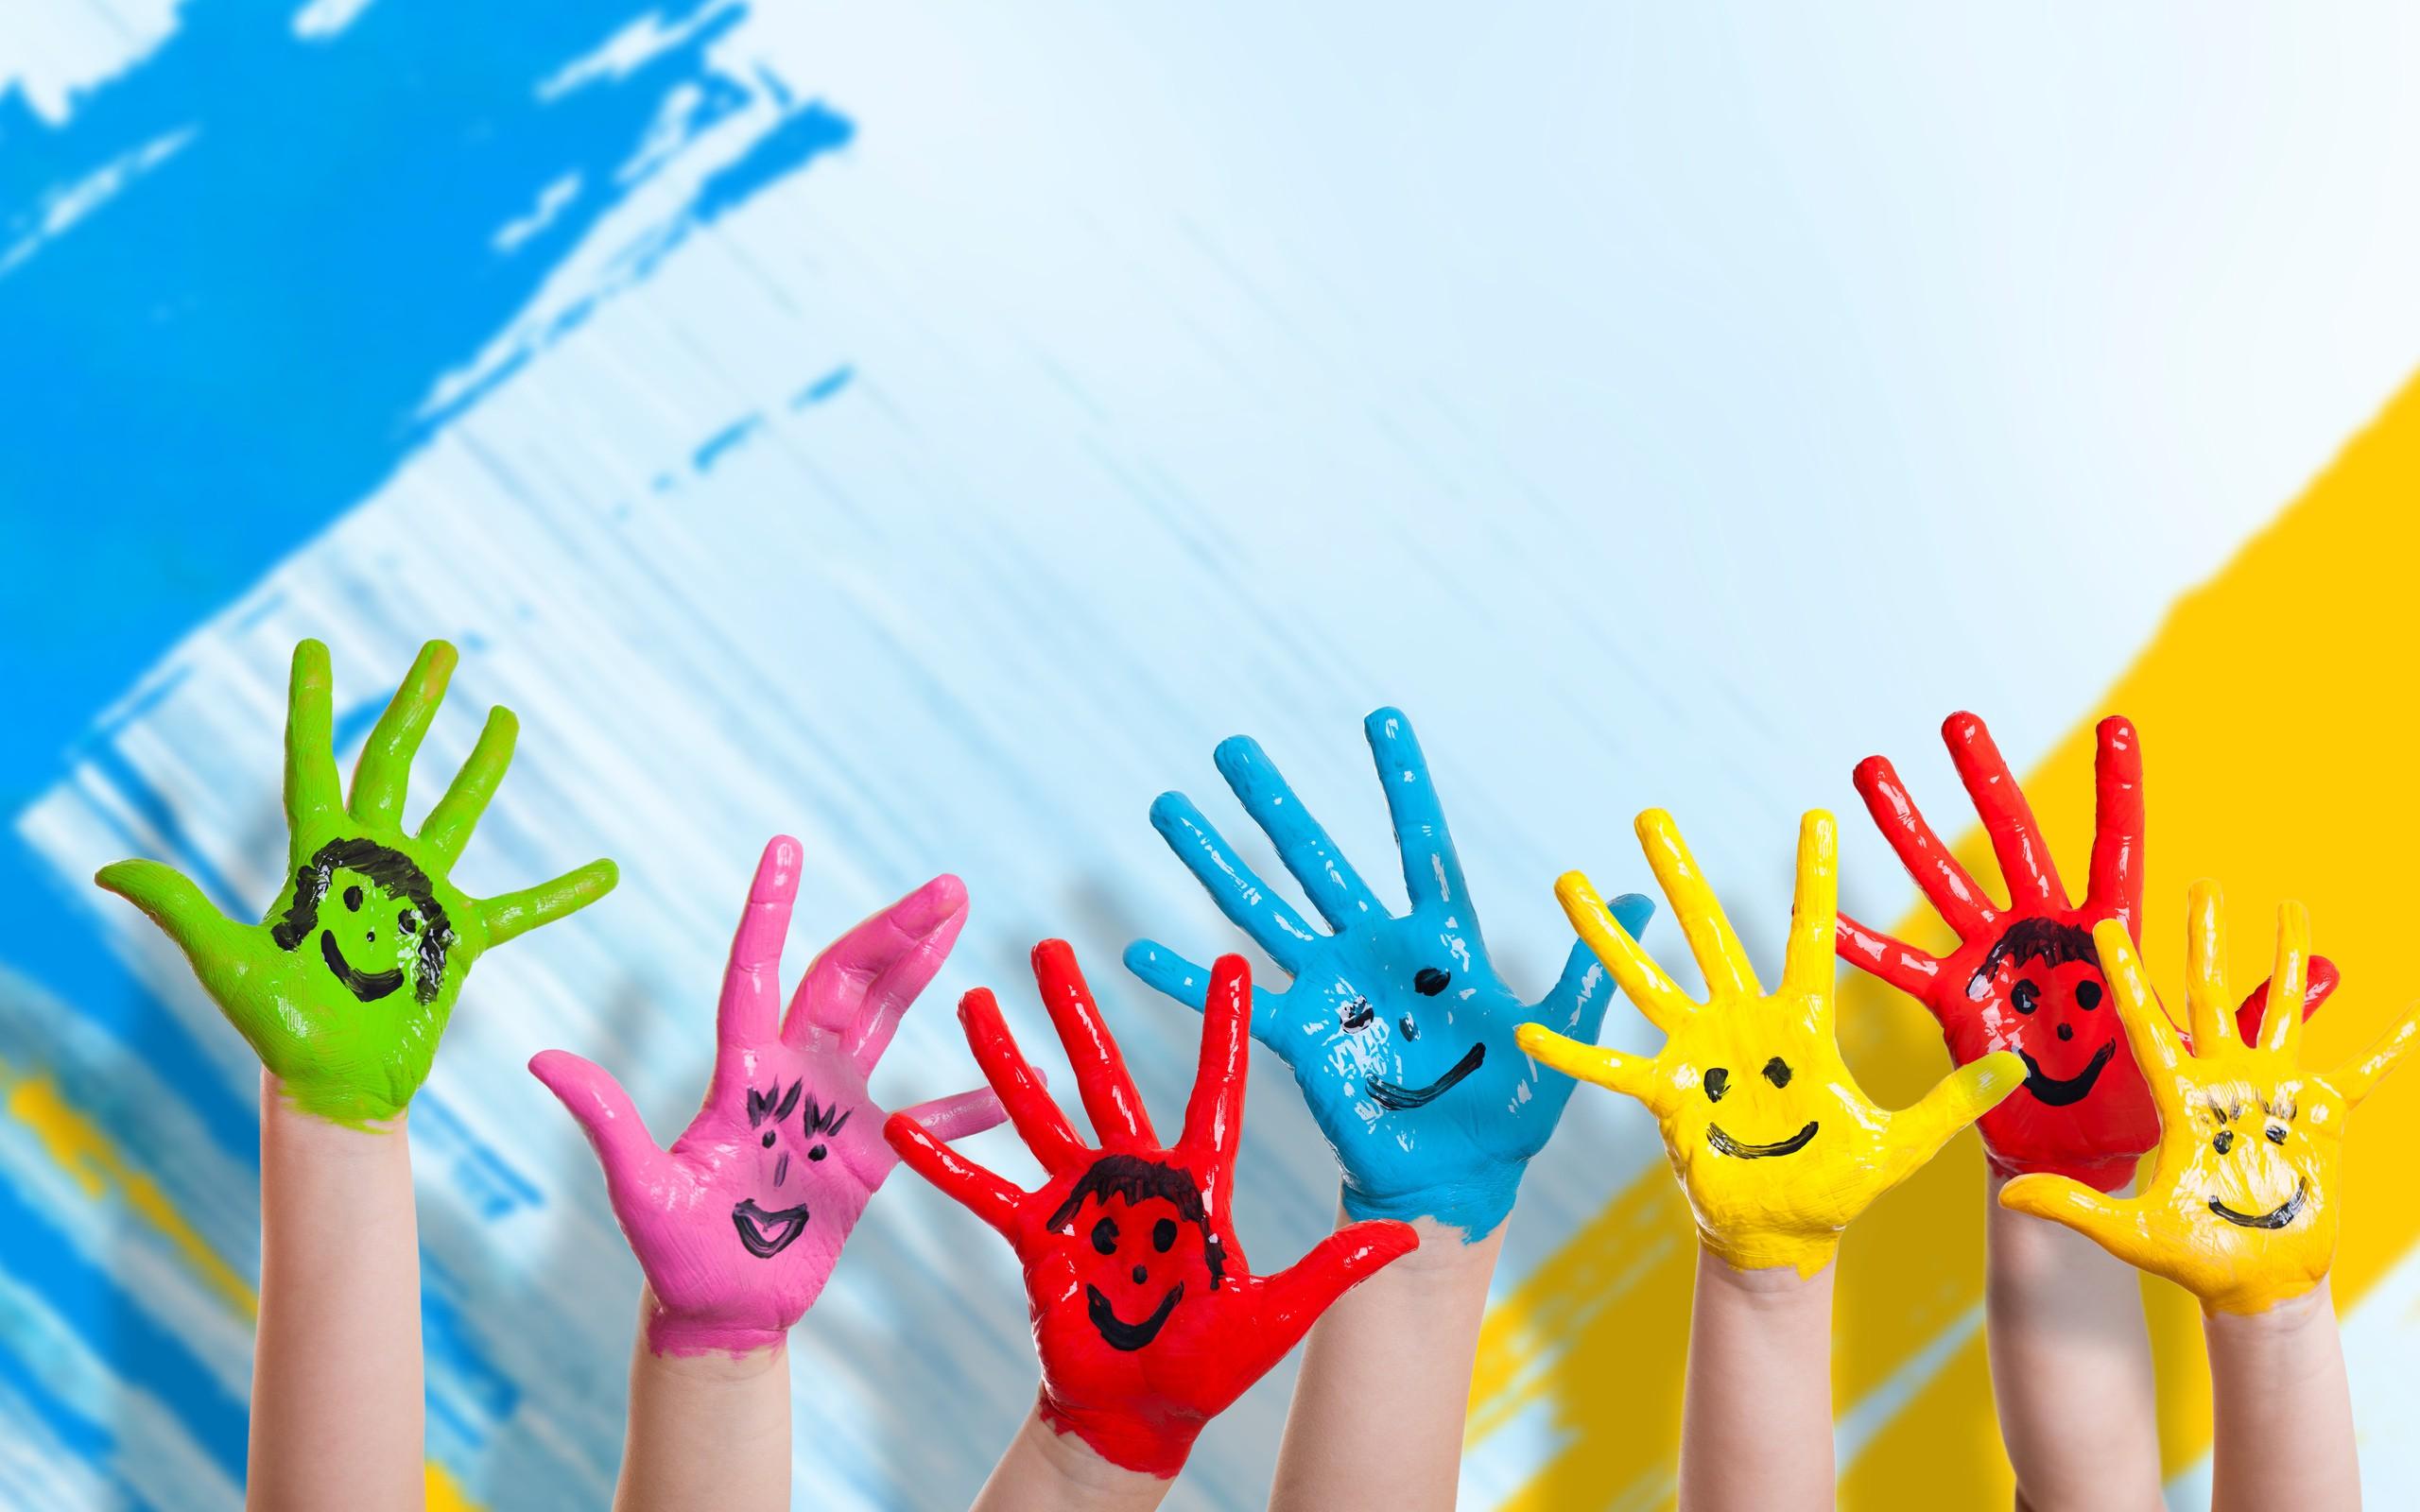 ομάδες κοινωνικών δεξιοτήτων και συναισθηματικής αγωγής